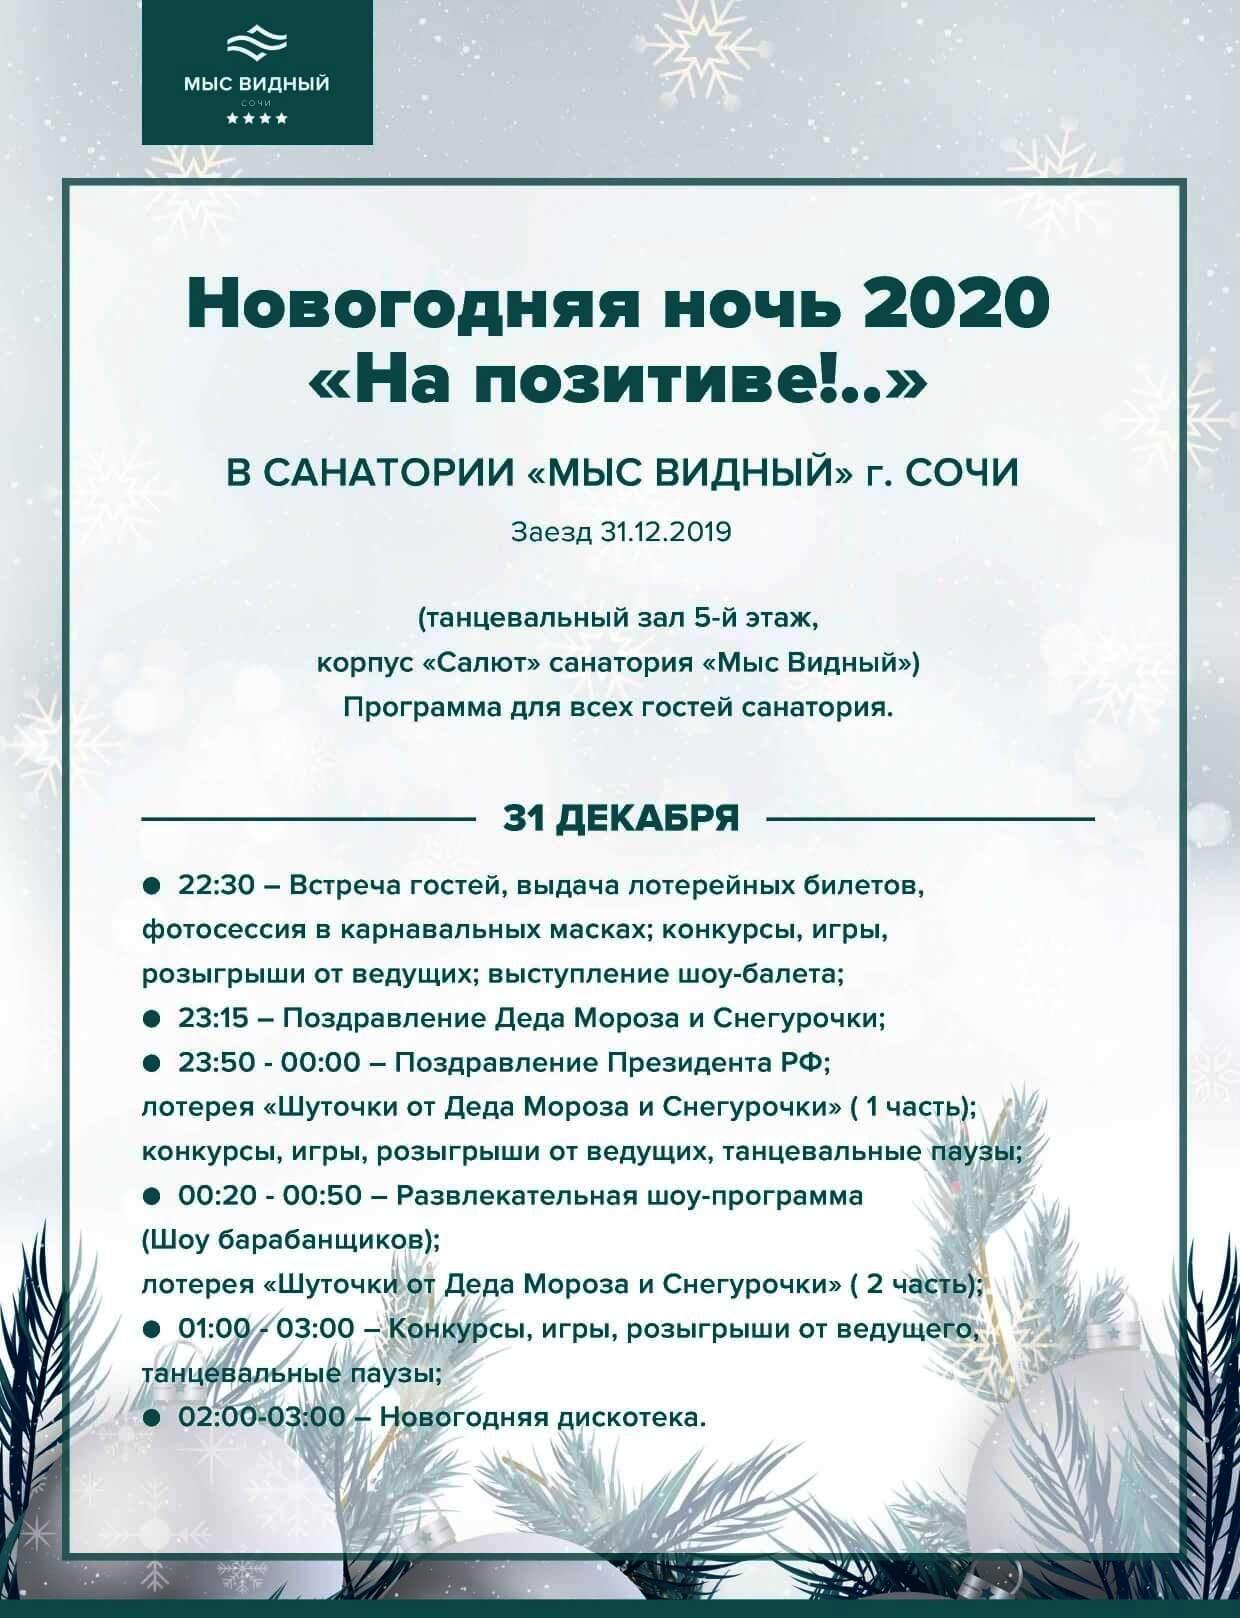 """Программа новогоднего банкета в санатории """"Мыс Видный"""""""